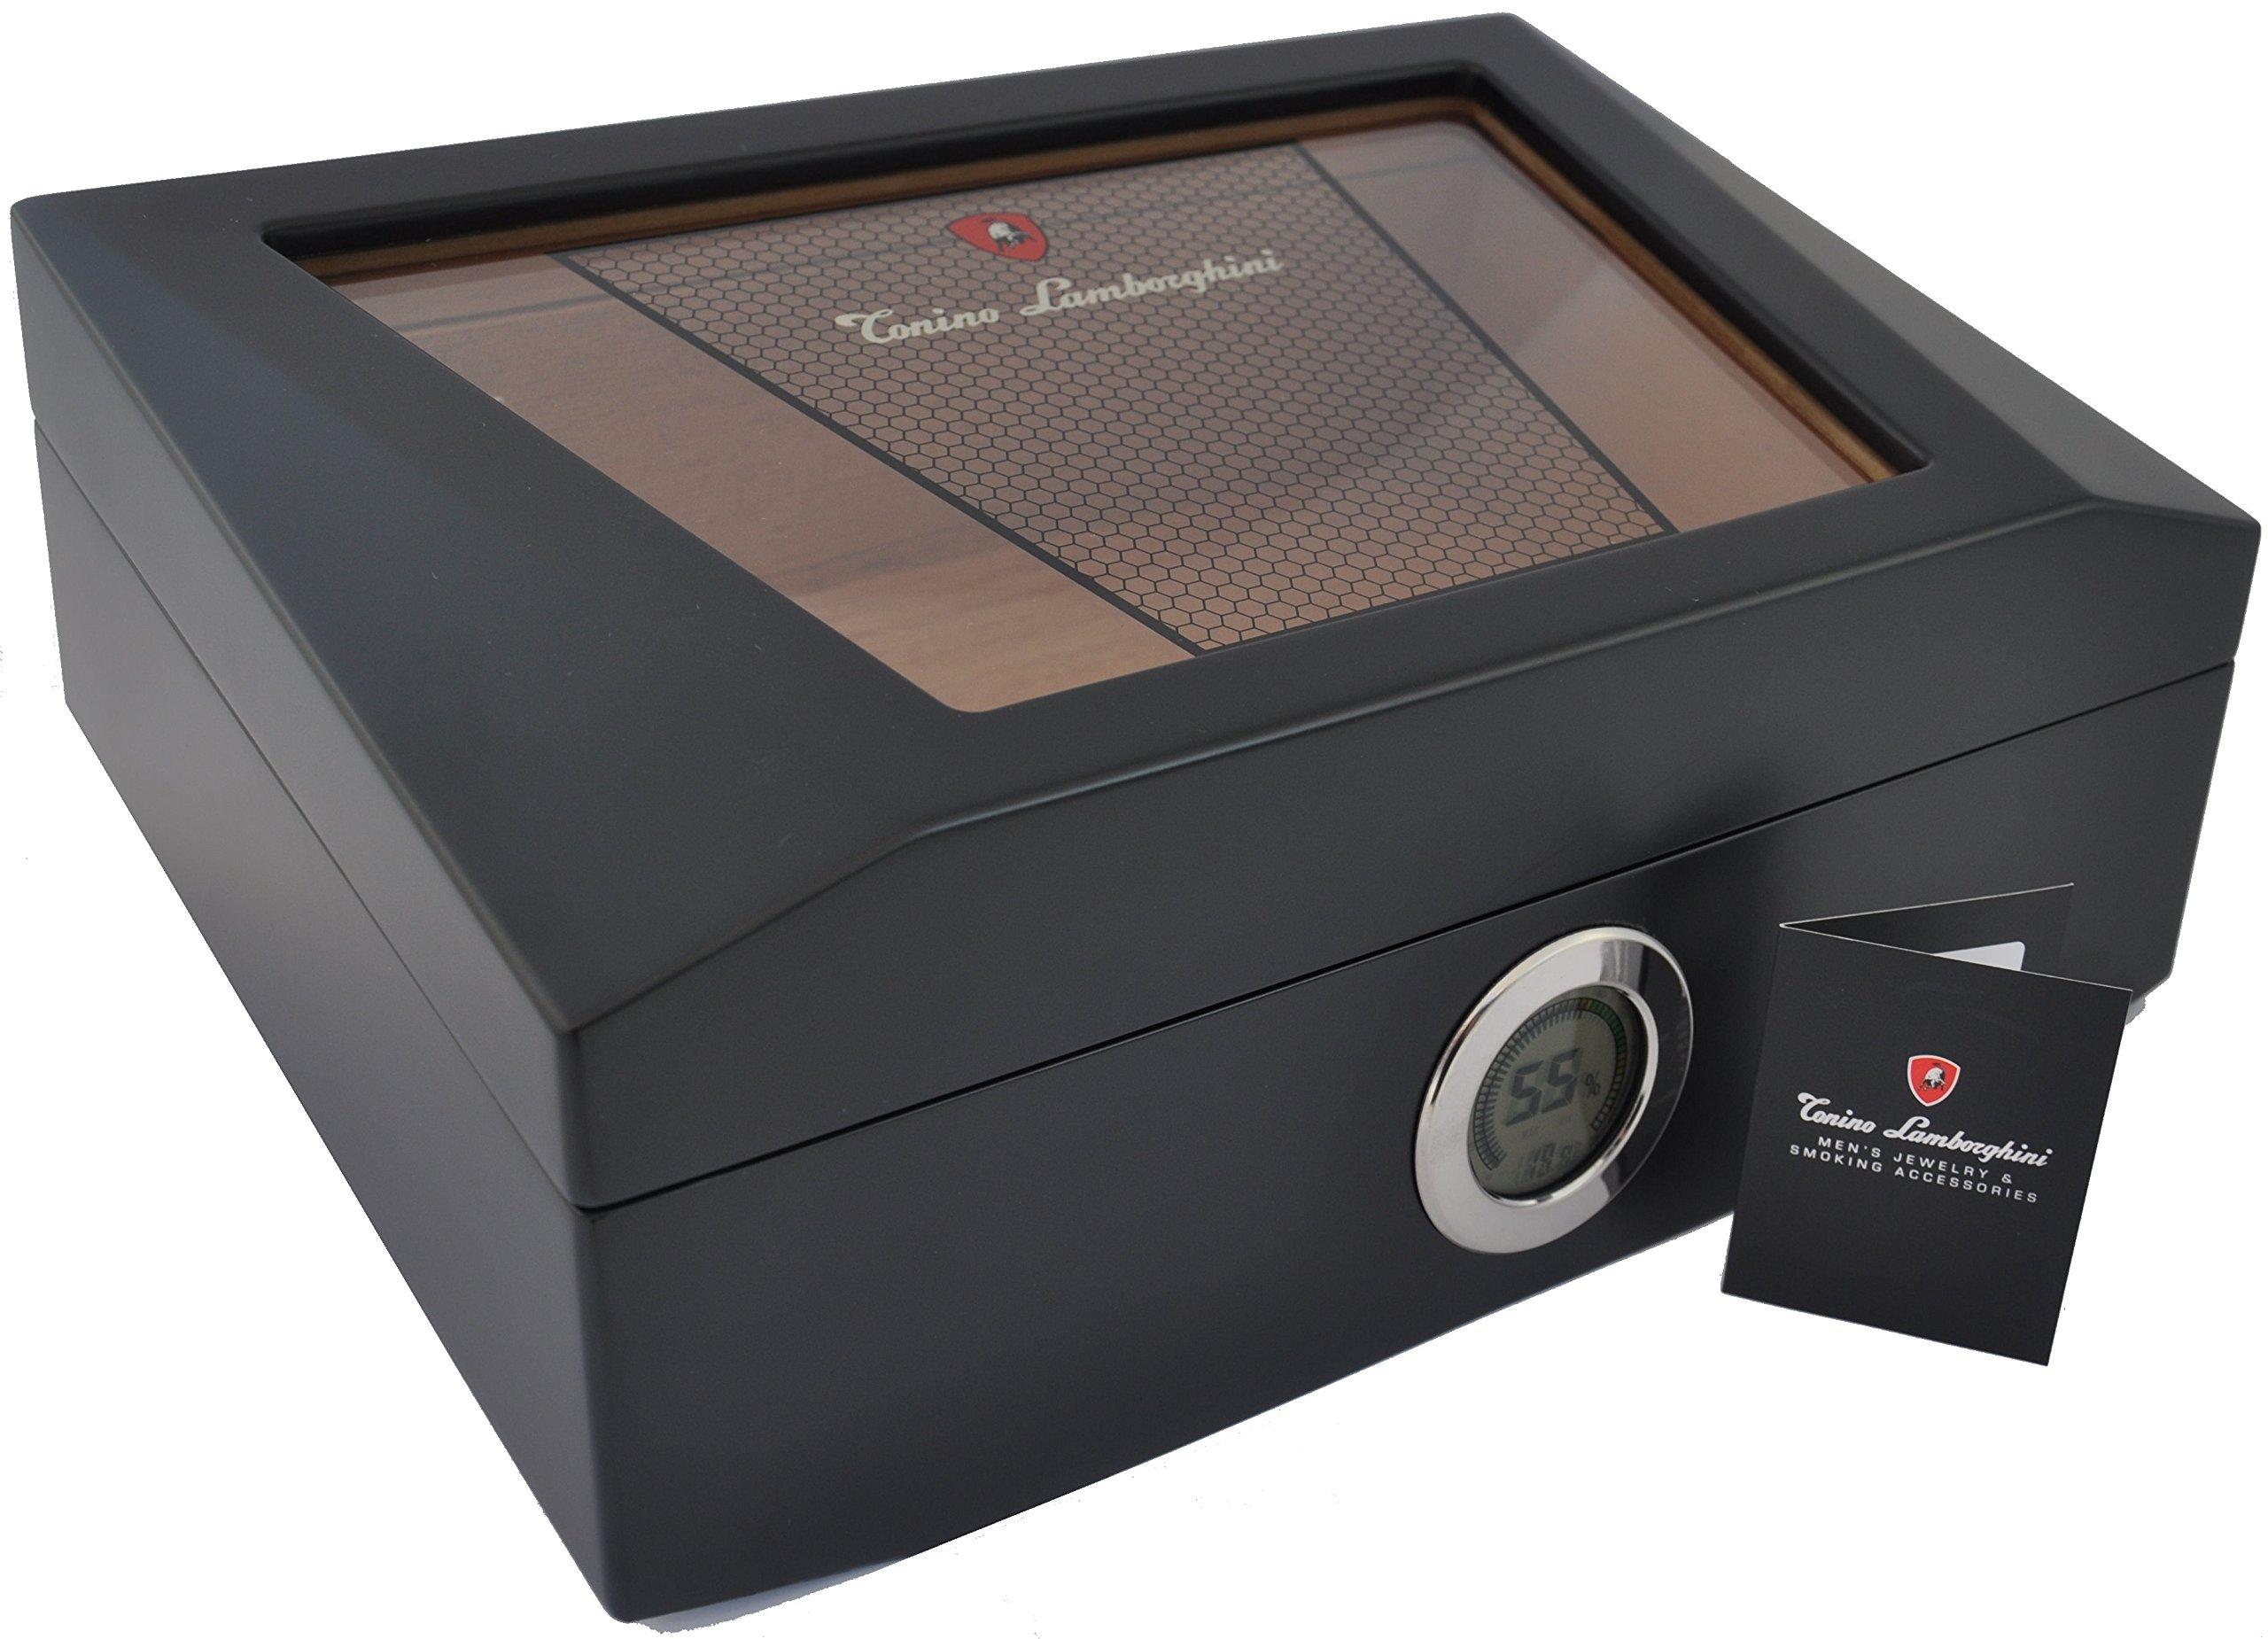 Lamborghini Humidor - hold 75 cigars - digital hygrometer by LAMBORGHINI